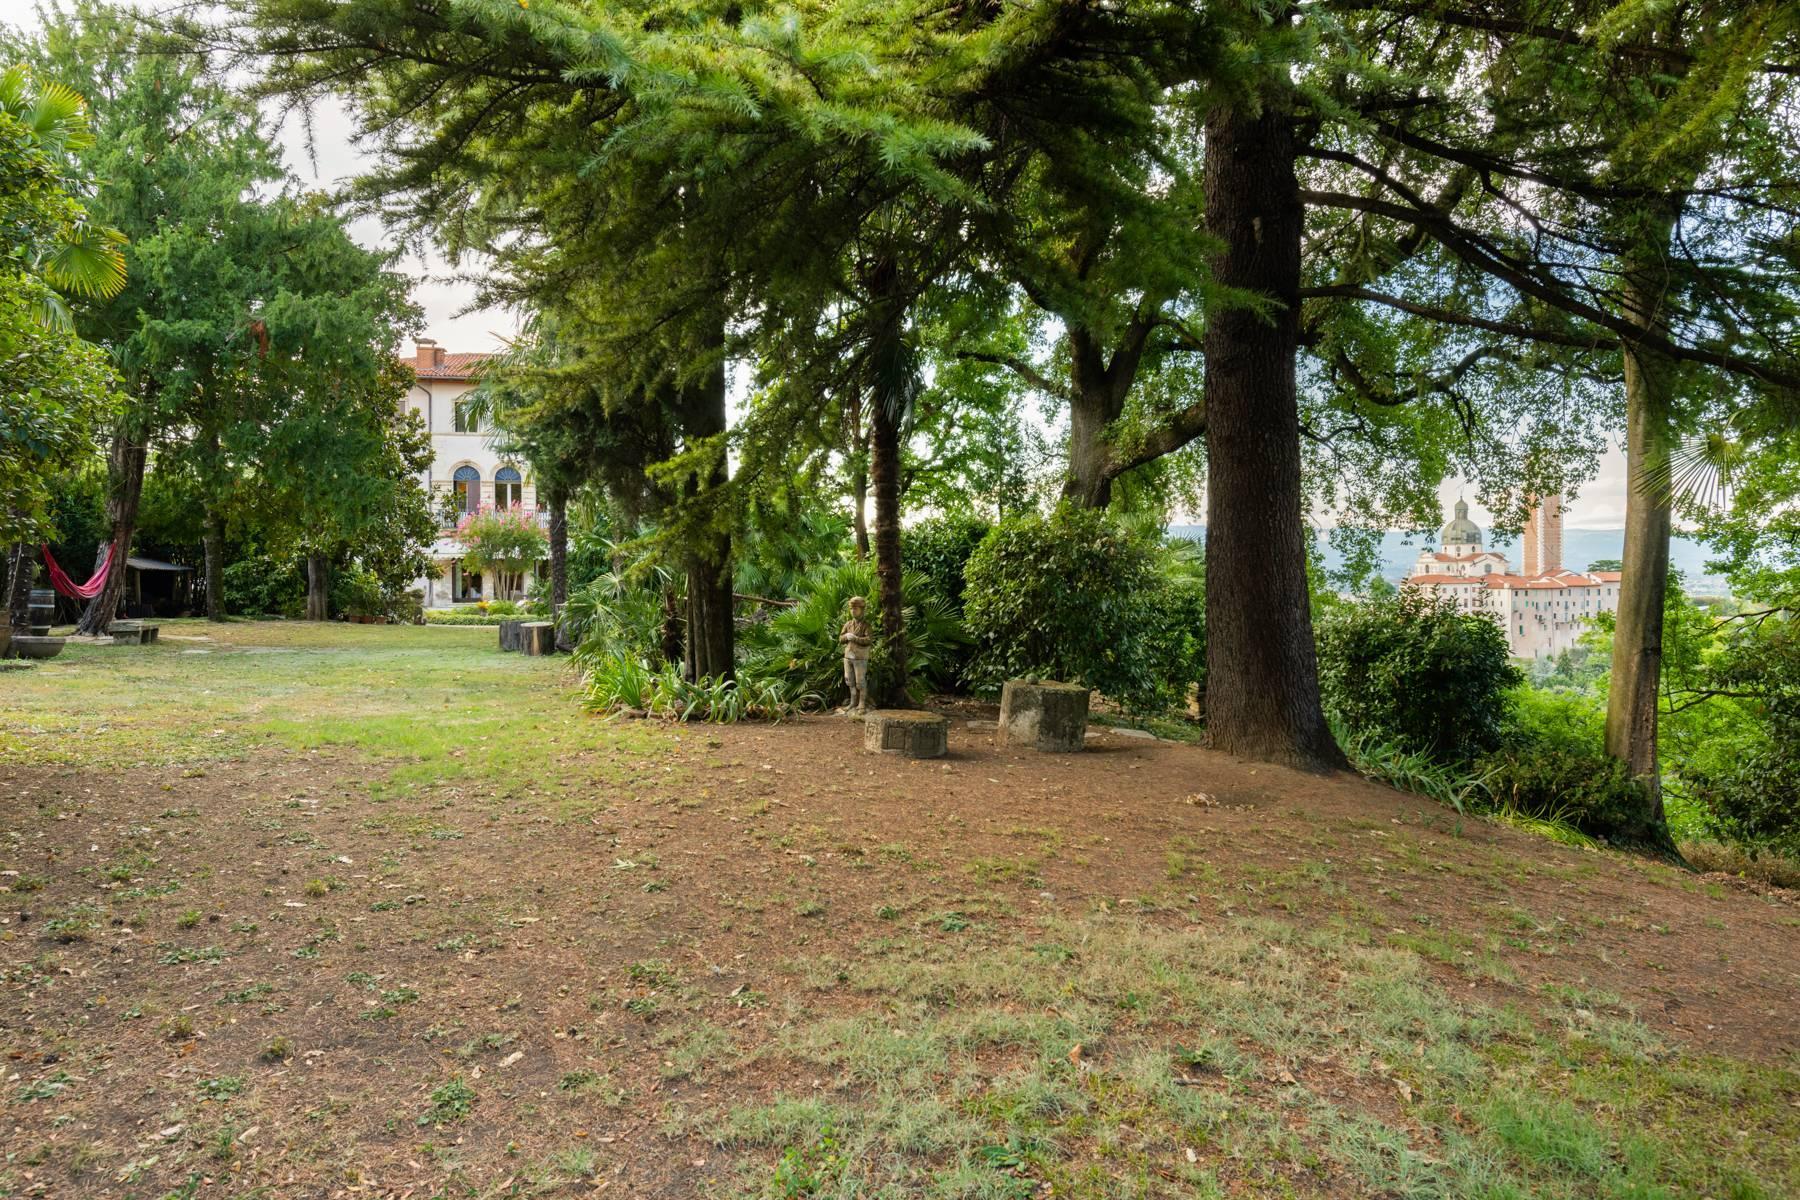 Elegante villa storica con parco privato sulla sommità del Monte Berico - 4